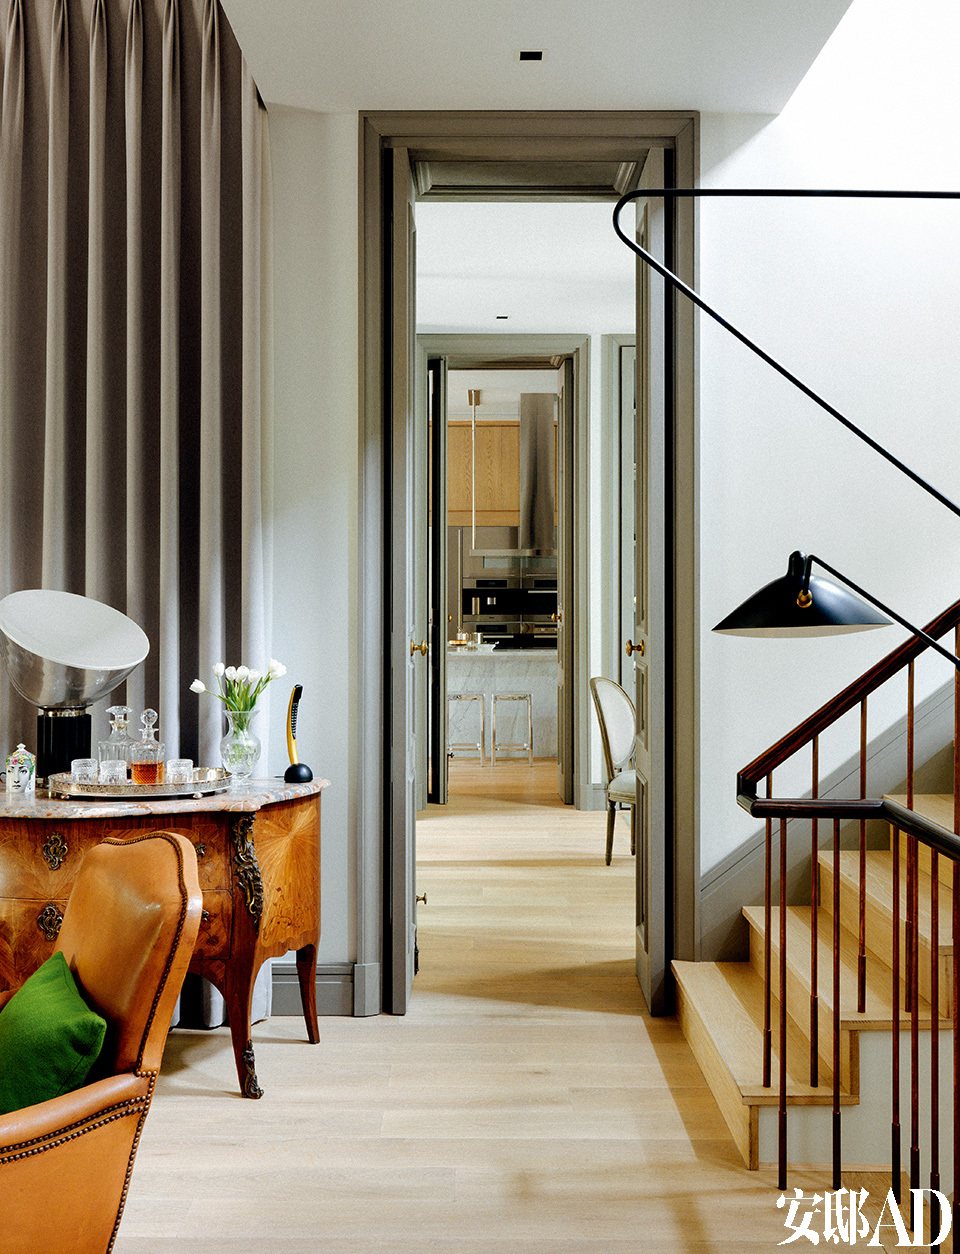 张成喆以前中意黑白分明的室内风格,在新华路的旧家走的就是这样的路线,而最近几年,他开始懂得欣赏更为中性带有些典雅的风格,例如大量使用的灰色调就是一例。